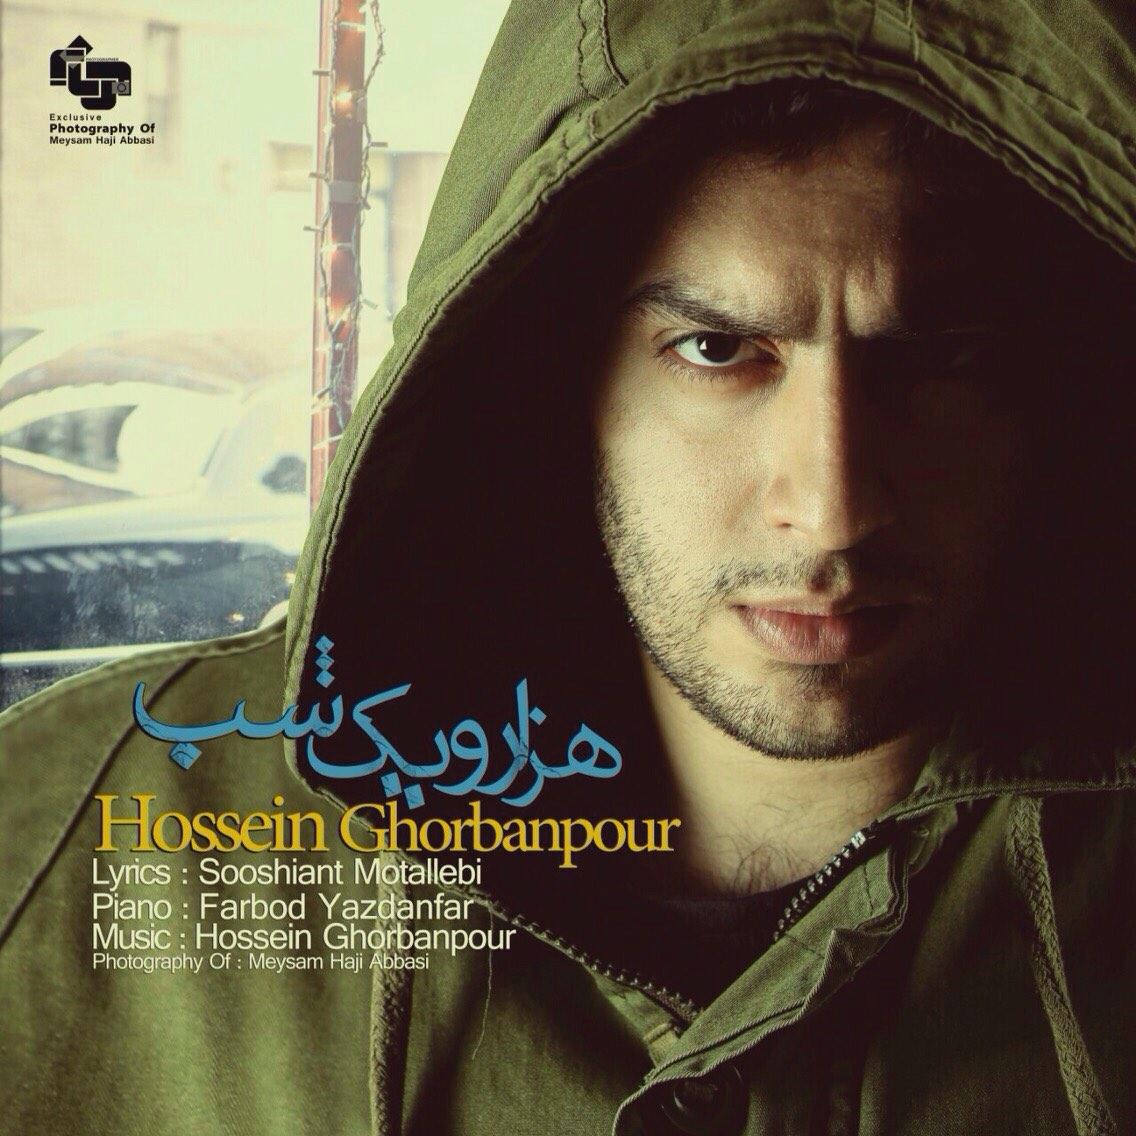 دانلود آهنگ جدید حسین قربانپور به نام هزار و یک شب